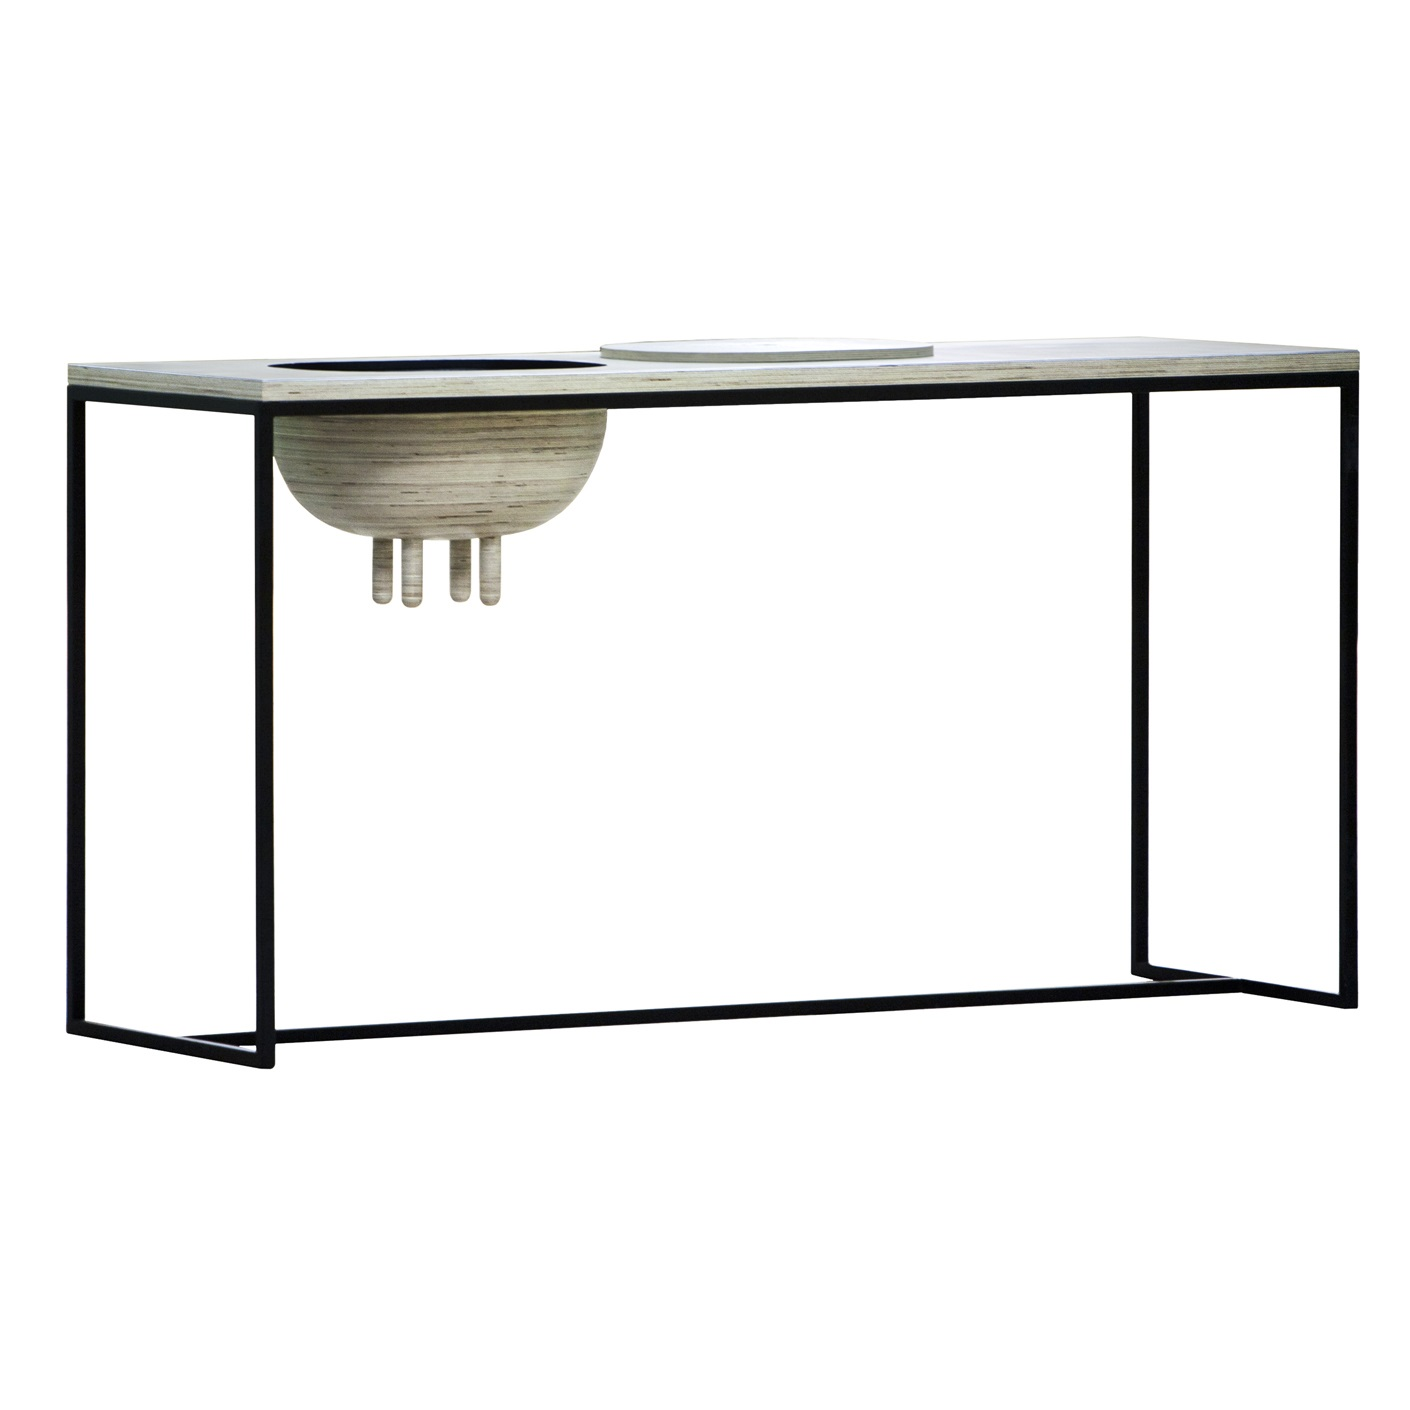 Стол UdderhealthБарные столы<br>Оригинальный стол со скрытым местом для хранения в виде коровьего вымени. Каркас из профильной трубы и столешница из березовой фанеры, покрытой водным лаком.&amp;amp;nbsp;&amp;lt;div&amp;gt;&amp;lt;br&amp;gt;&amp;lt;/div&amp;gt;&amp;lt;div&amp;gt;Материал: березовая фанера 30 мм, стальная труба 30х30 мм.&amp;lt;br&amp;gt;&amp;lt;/div&amp;gt;&amp;lt;div&amp;gt;Особенности: в вымени располагается система хранения, на основание крепится мебельный войлок.&amp;lt;br&amp;gt;&amp;lt;/div&amp;gt;<br><br>Material: Фанера<br>Ширина см: 170<br>Высота см: 90<br>Глубина см: 60